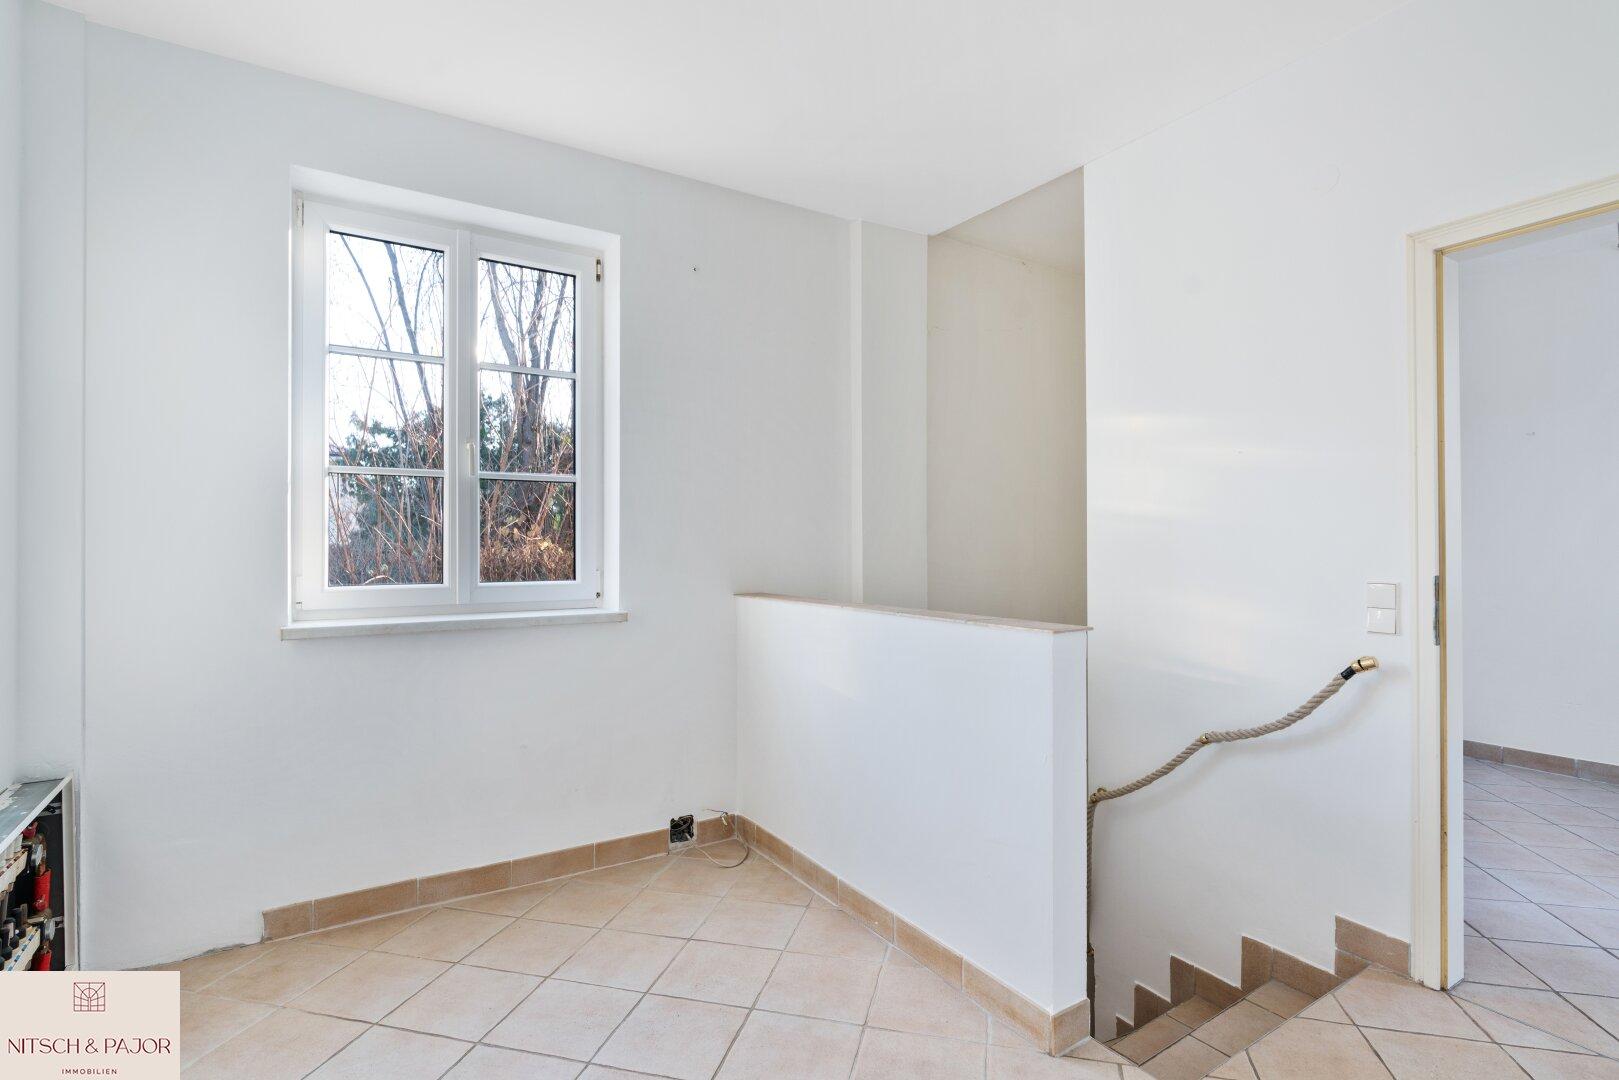 Vorraum - Treppen zum Keller